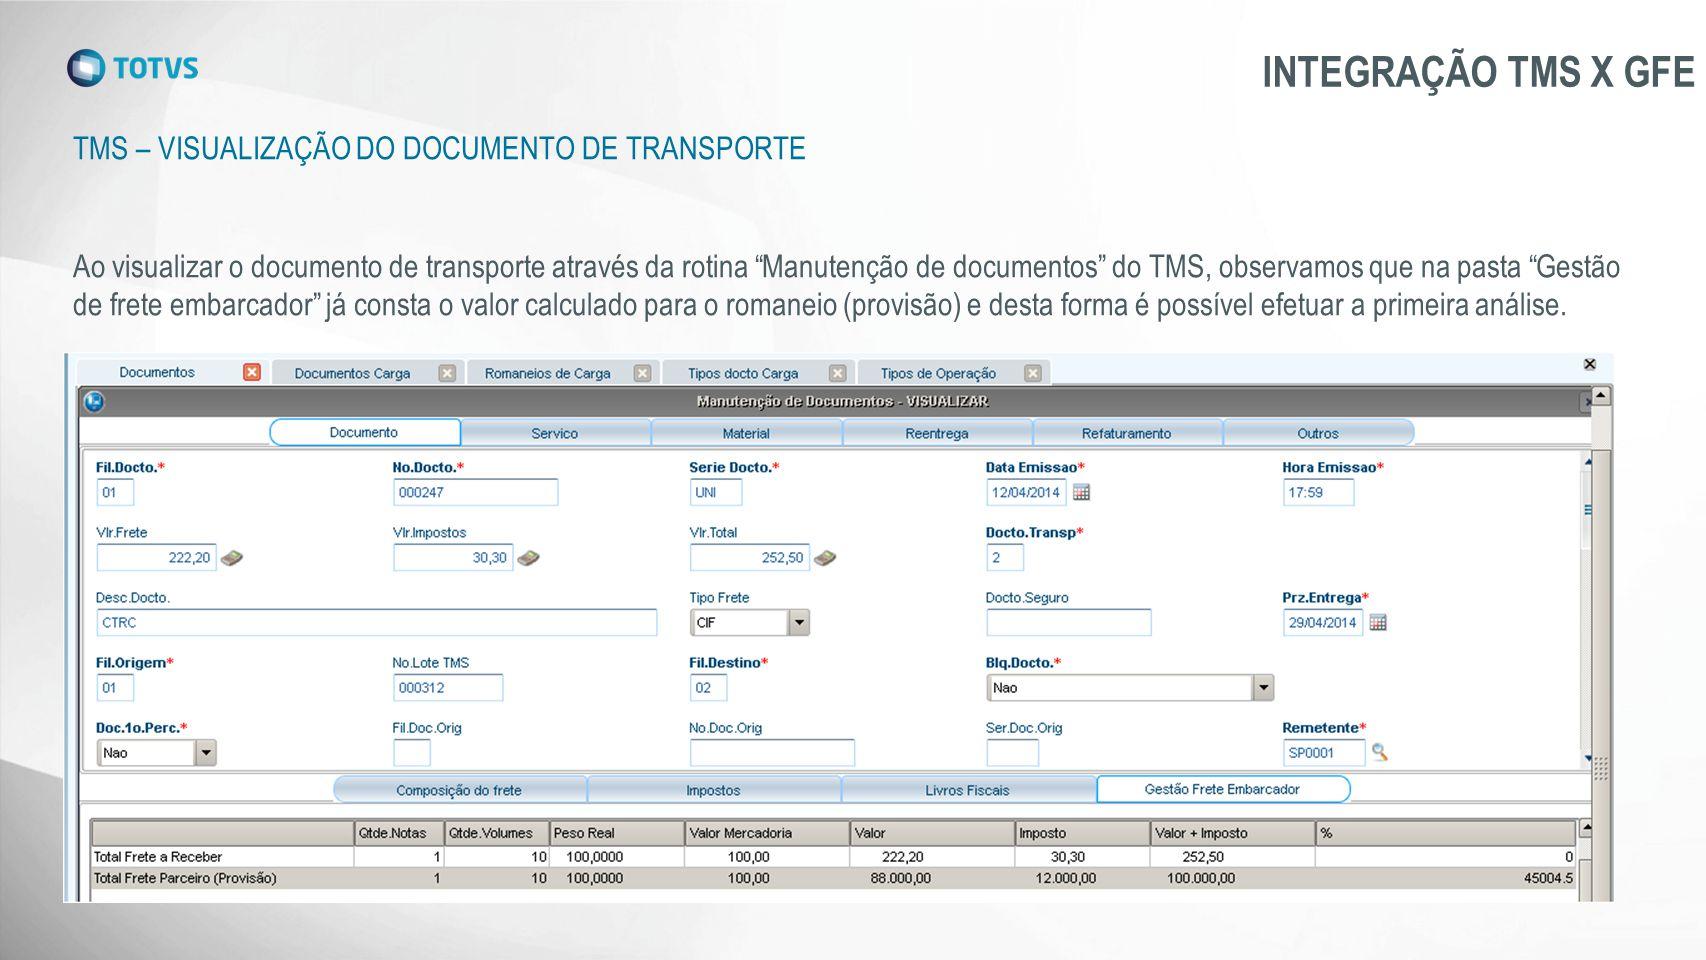 """TMS – VISUALIZAÇÃO DO DOCUMENTO DE TRANSPORTE INTEGRAÇÃO TMS X GFE Ao visualizar o documento de transporte através da rotina """"Manutenção de documentos"""